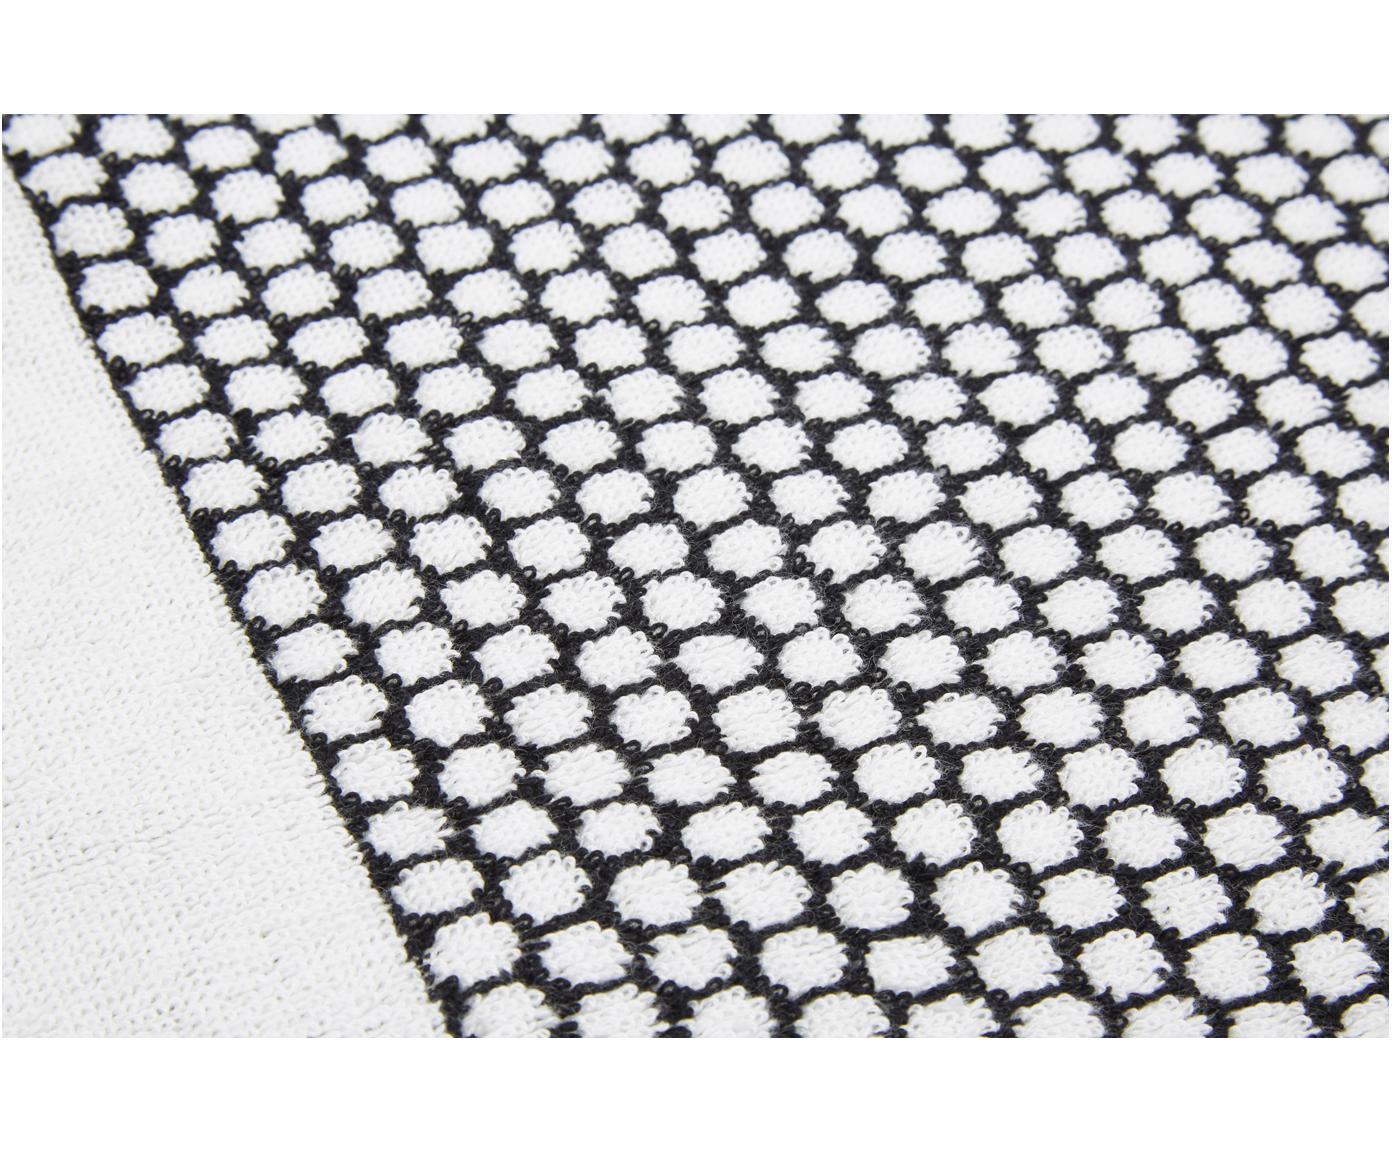 Gepunktetes Handtuch Grid, verschiedene Grössen, Schwarz, Gebrochenes Weiss, Gästehandtuch